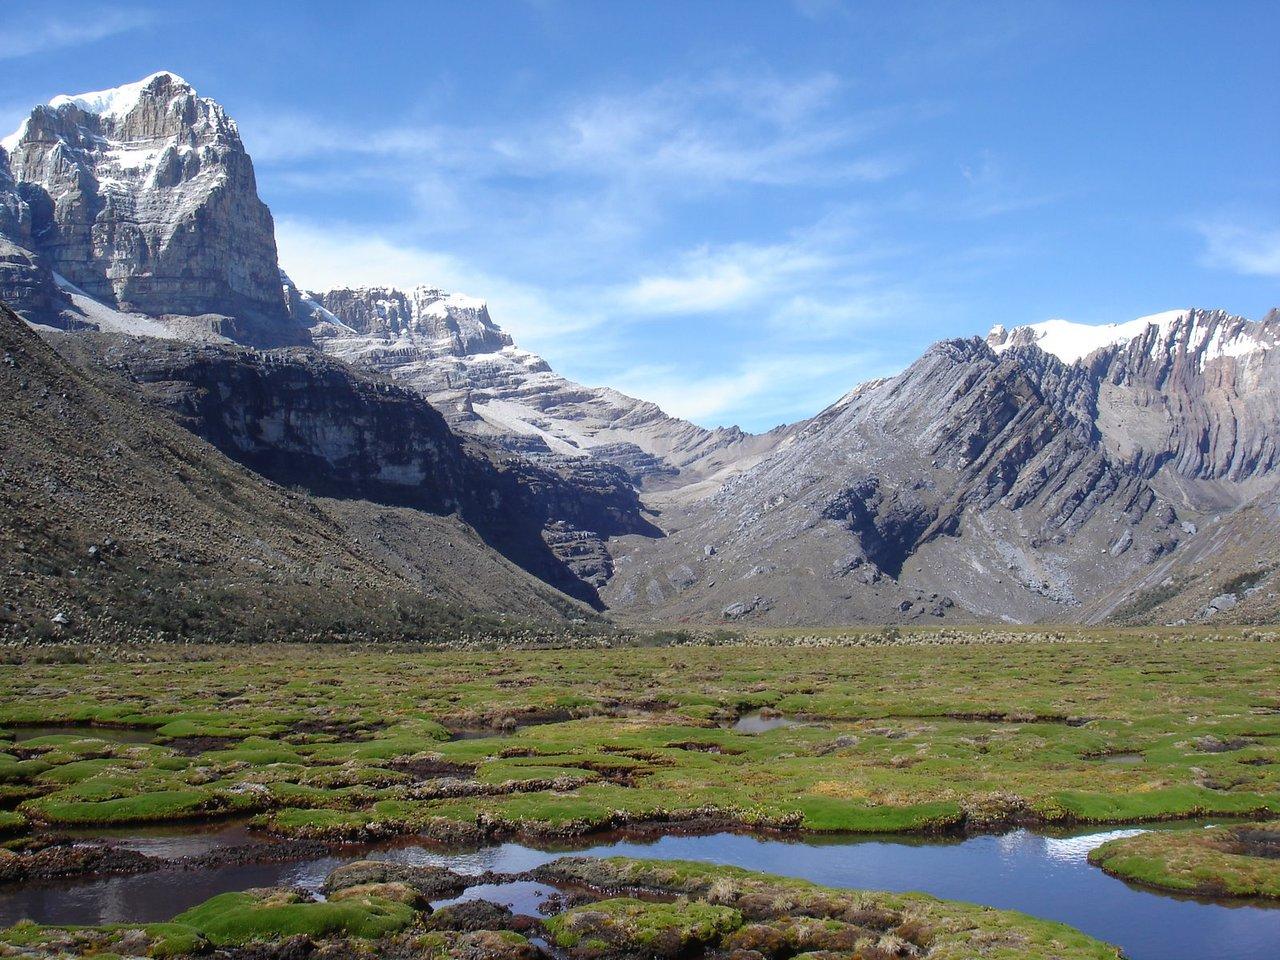 http://2.bp.blogspot.com/-0FJqhXuCBPU/Ti-743xiN7I/AAAAAAAAAlo/acefondvnjA/s1600/Sierra+Nevada+del+Cocuy%252C+colombia1.jpg